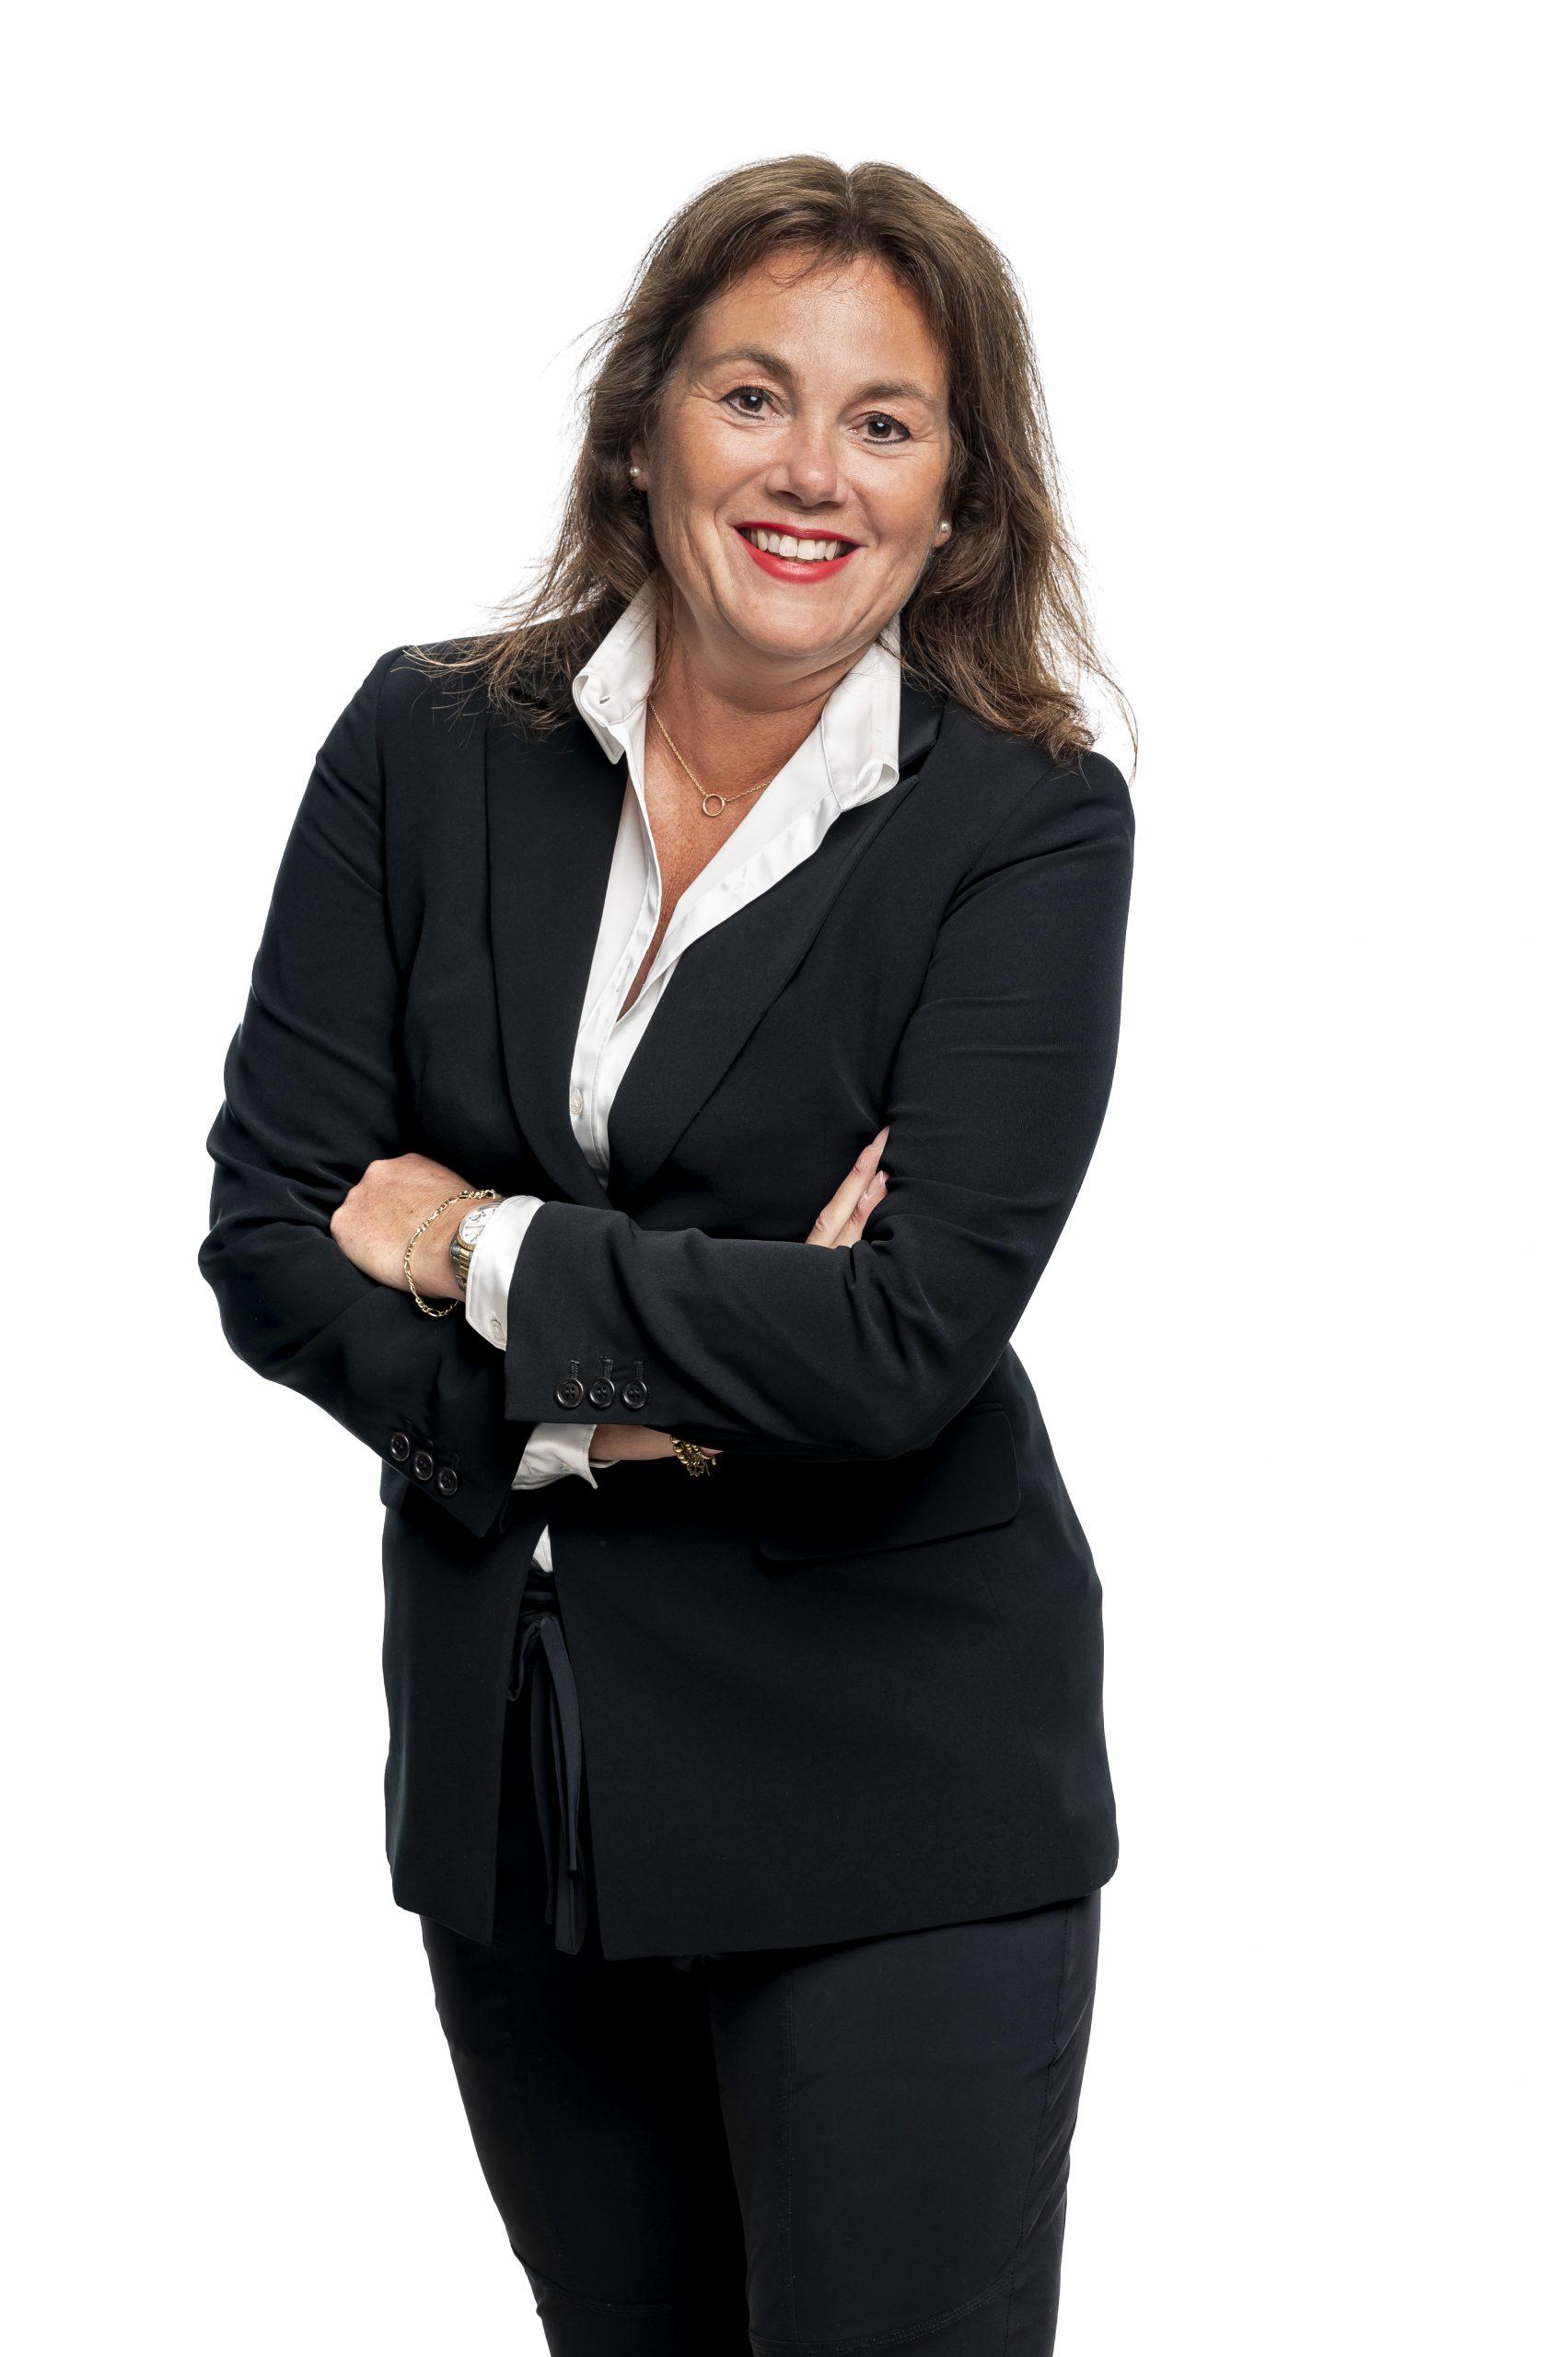 Esther Jansen-Willemse